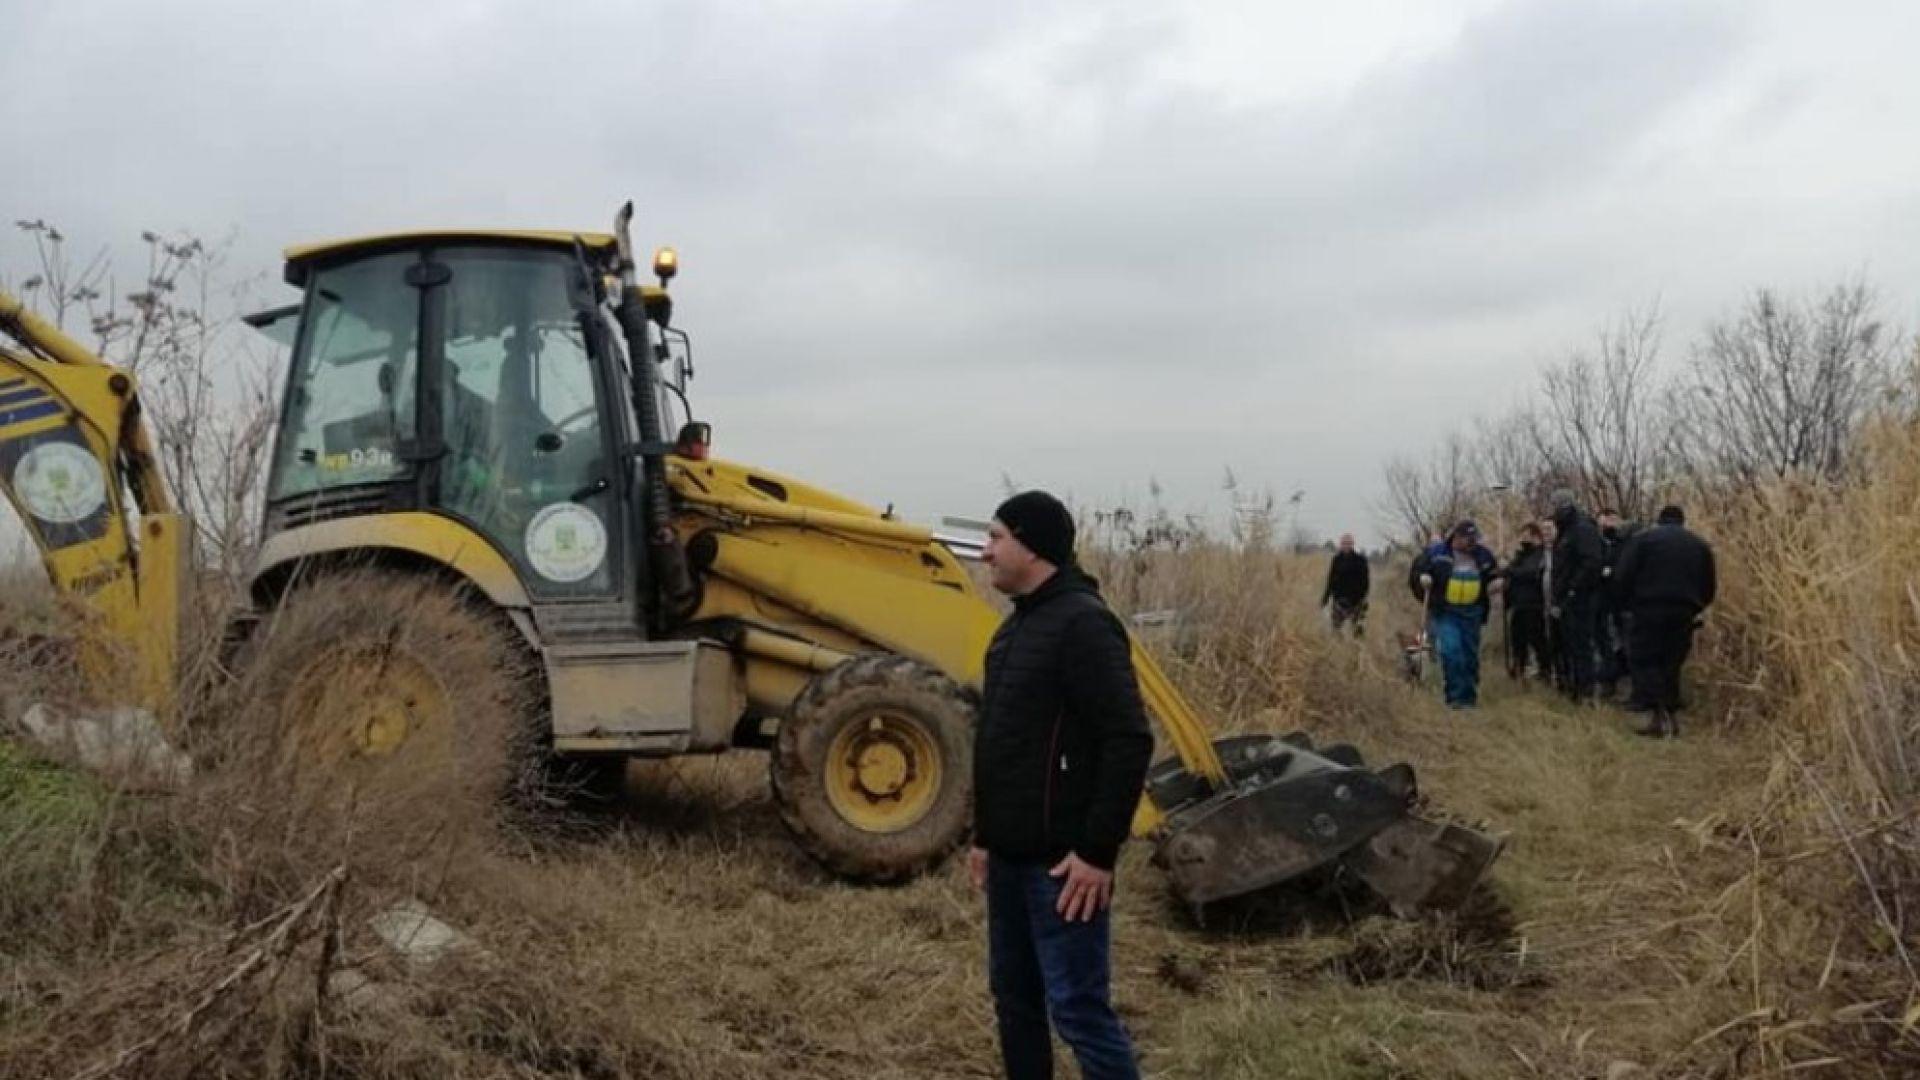 Откриха 200 тона опасна шлака край Пловдив, търсят връзка с Бобокови